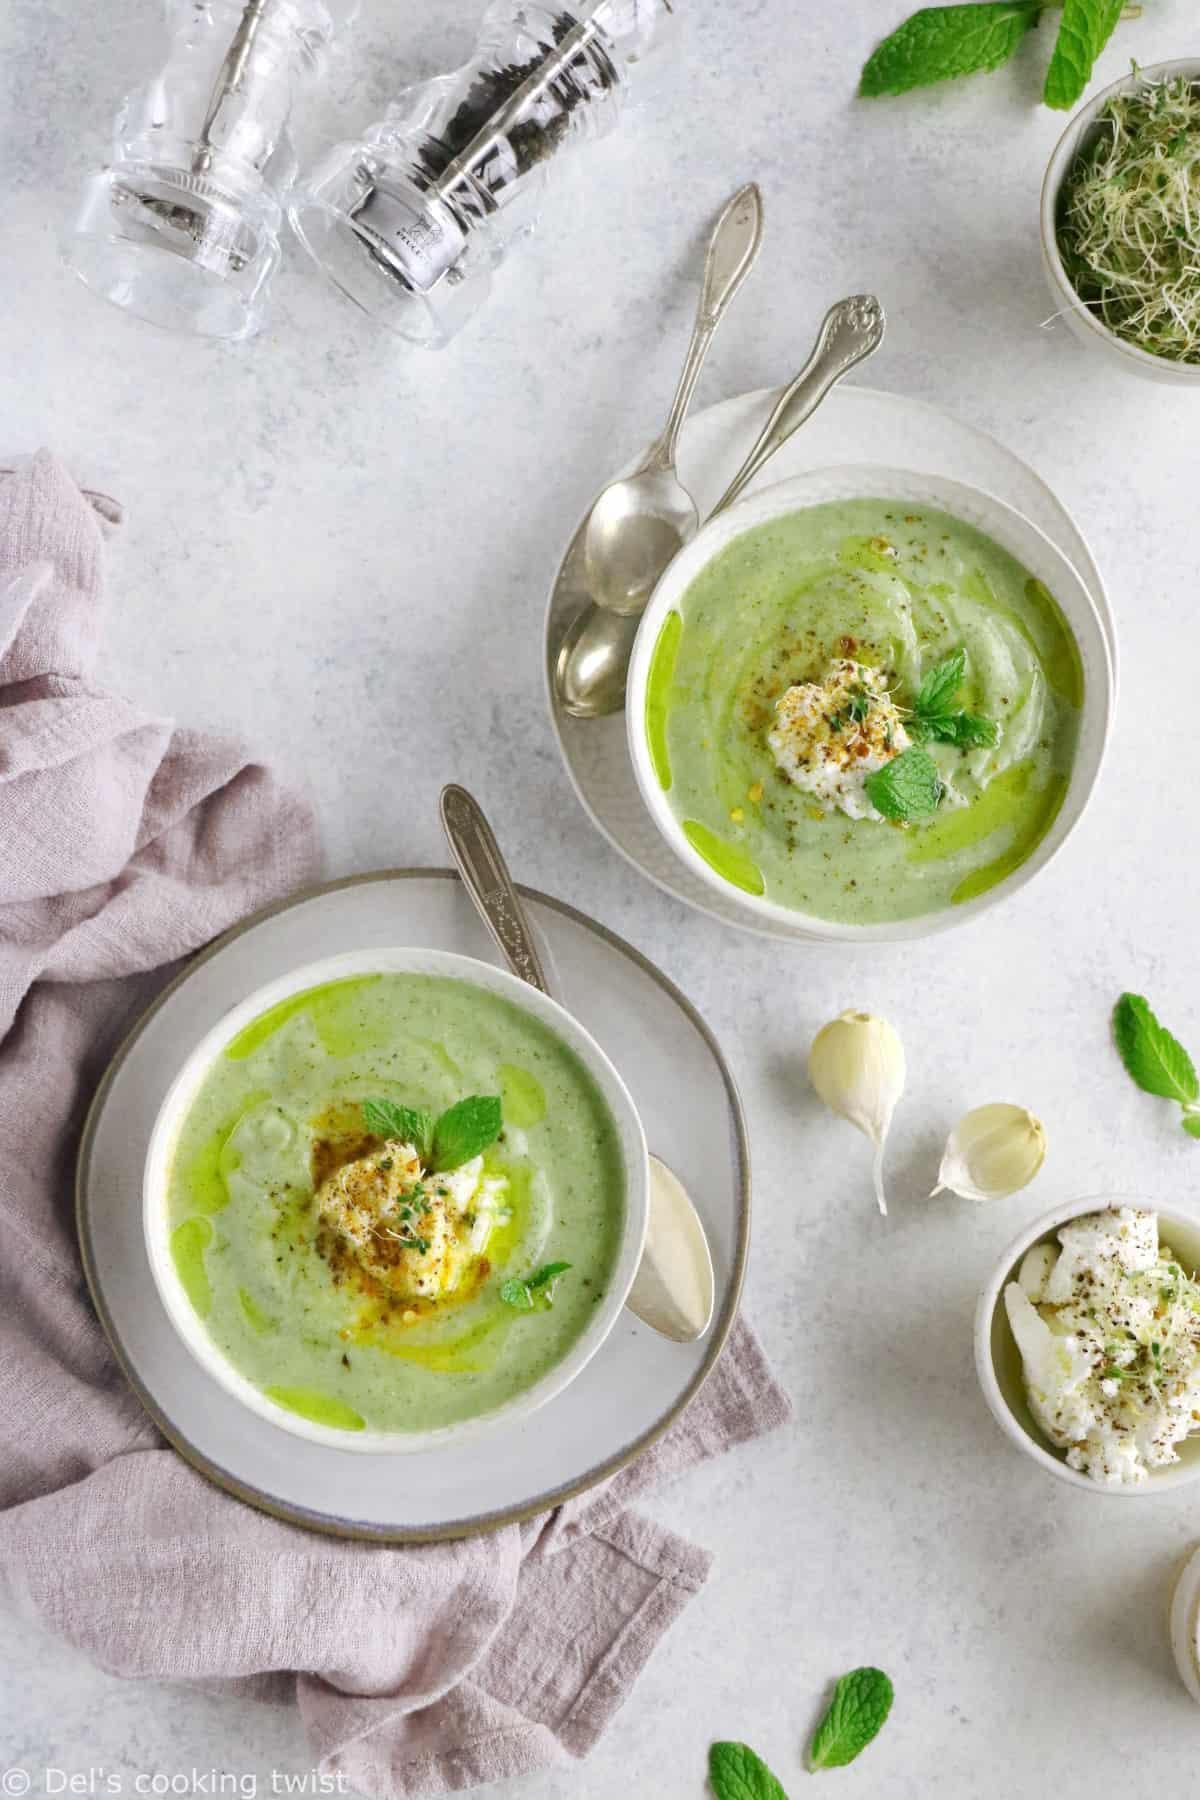 Avec juste quelques ingrédients savemment associés les uns aux autres, on obtient un délicieux velouté de courgettes à la ricotta et à la menthe.